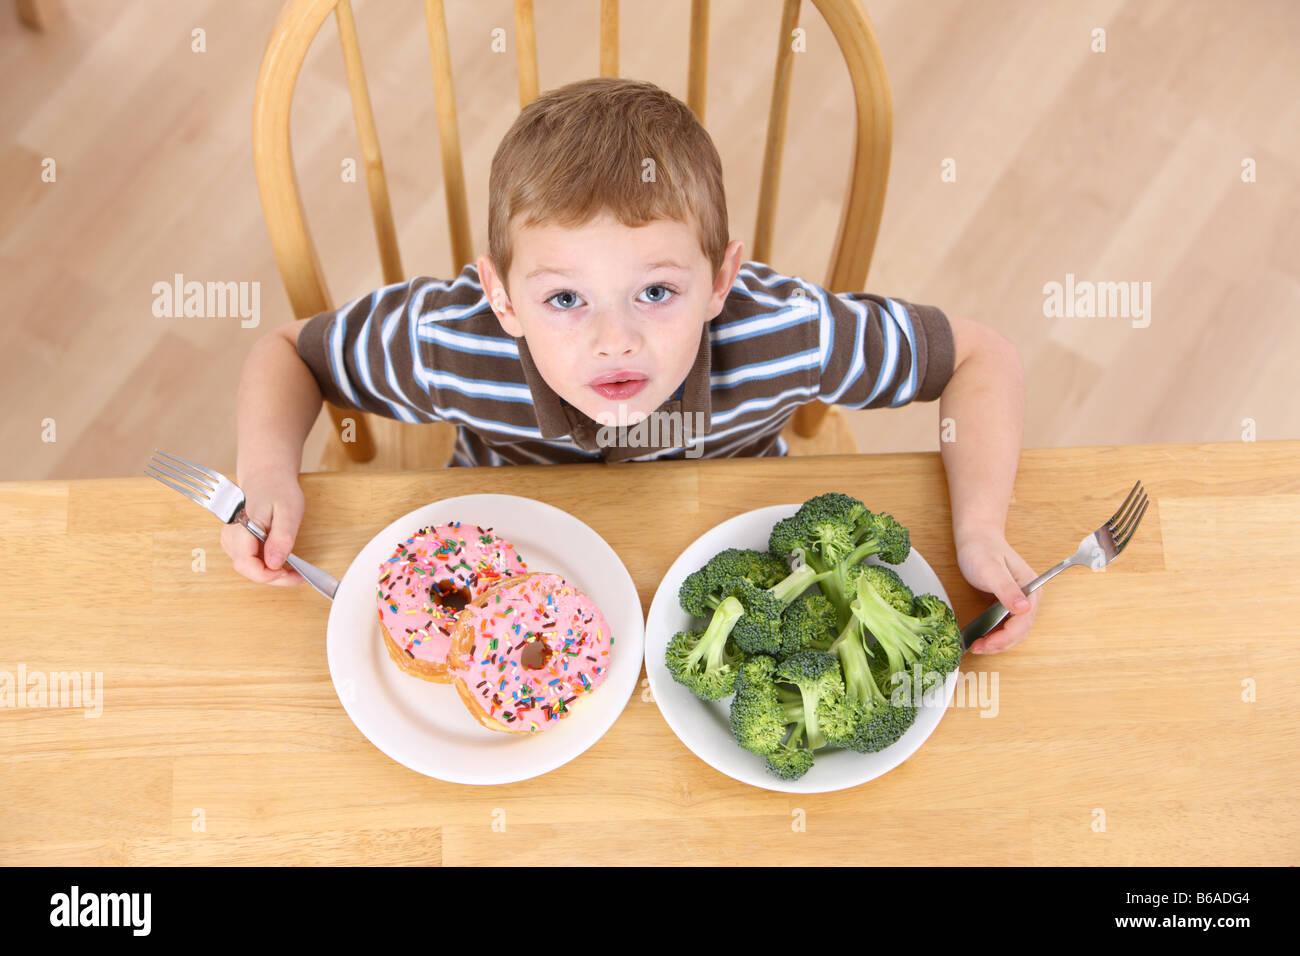 Junge mit Platten von Broccoli und Krapfen Stockbild